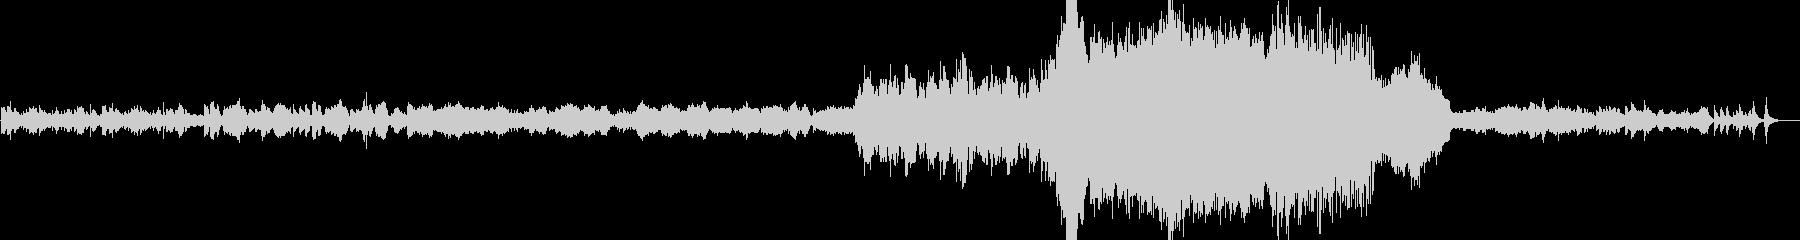 オルゴールを主体とした管弦楽の未再生の波形